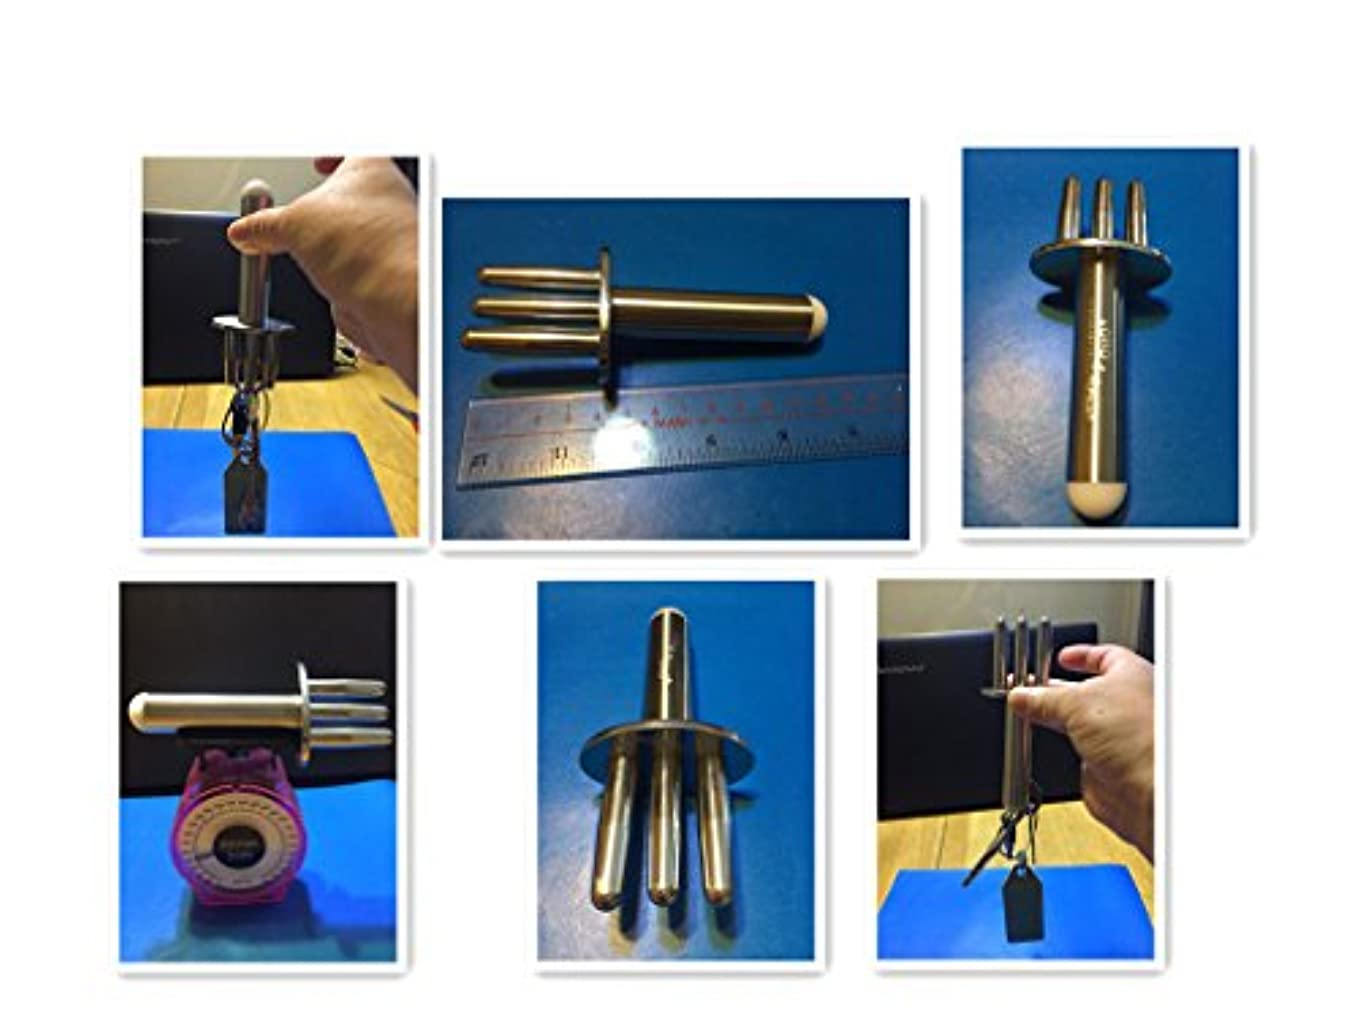 問い合わせるメンタル放出顔ボディ排酸術マサッジ小さな排酸棒マッサジ棒磁力マッサジ棒Echo & Kern はいさんじゅつ、陰極磁力排酸棒北極磁気マッサジ棒、磁気棒、ツボ押し棒 磁気 マッサージ棒 指圧棒 磁力がコリに直接当たる排酸術 …